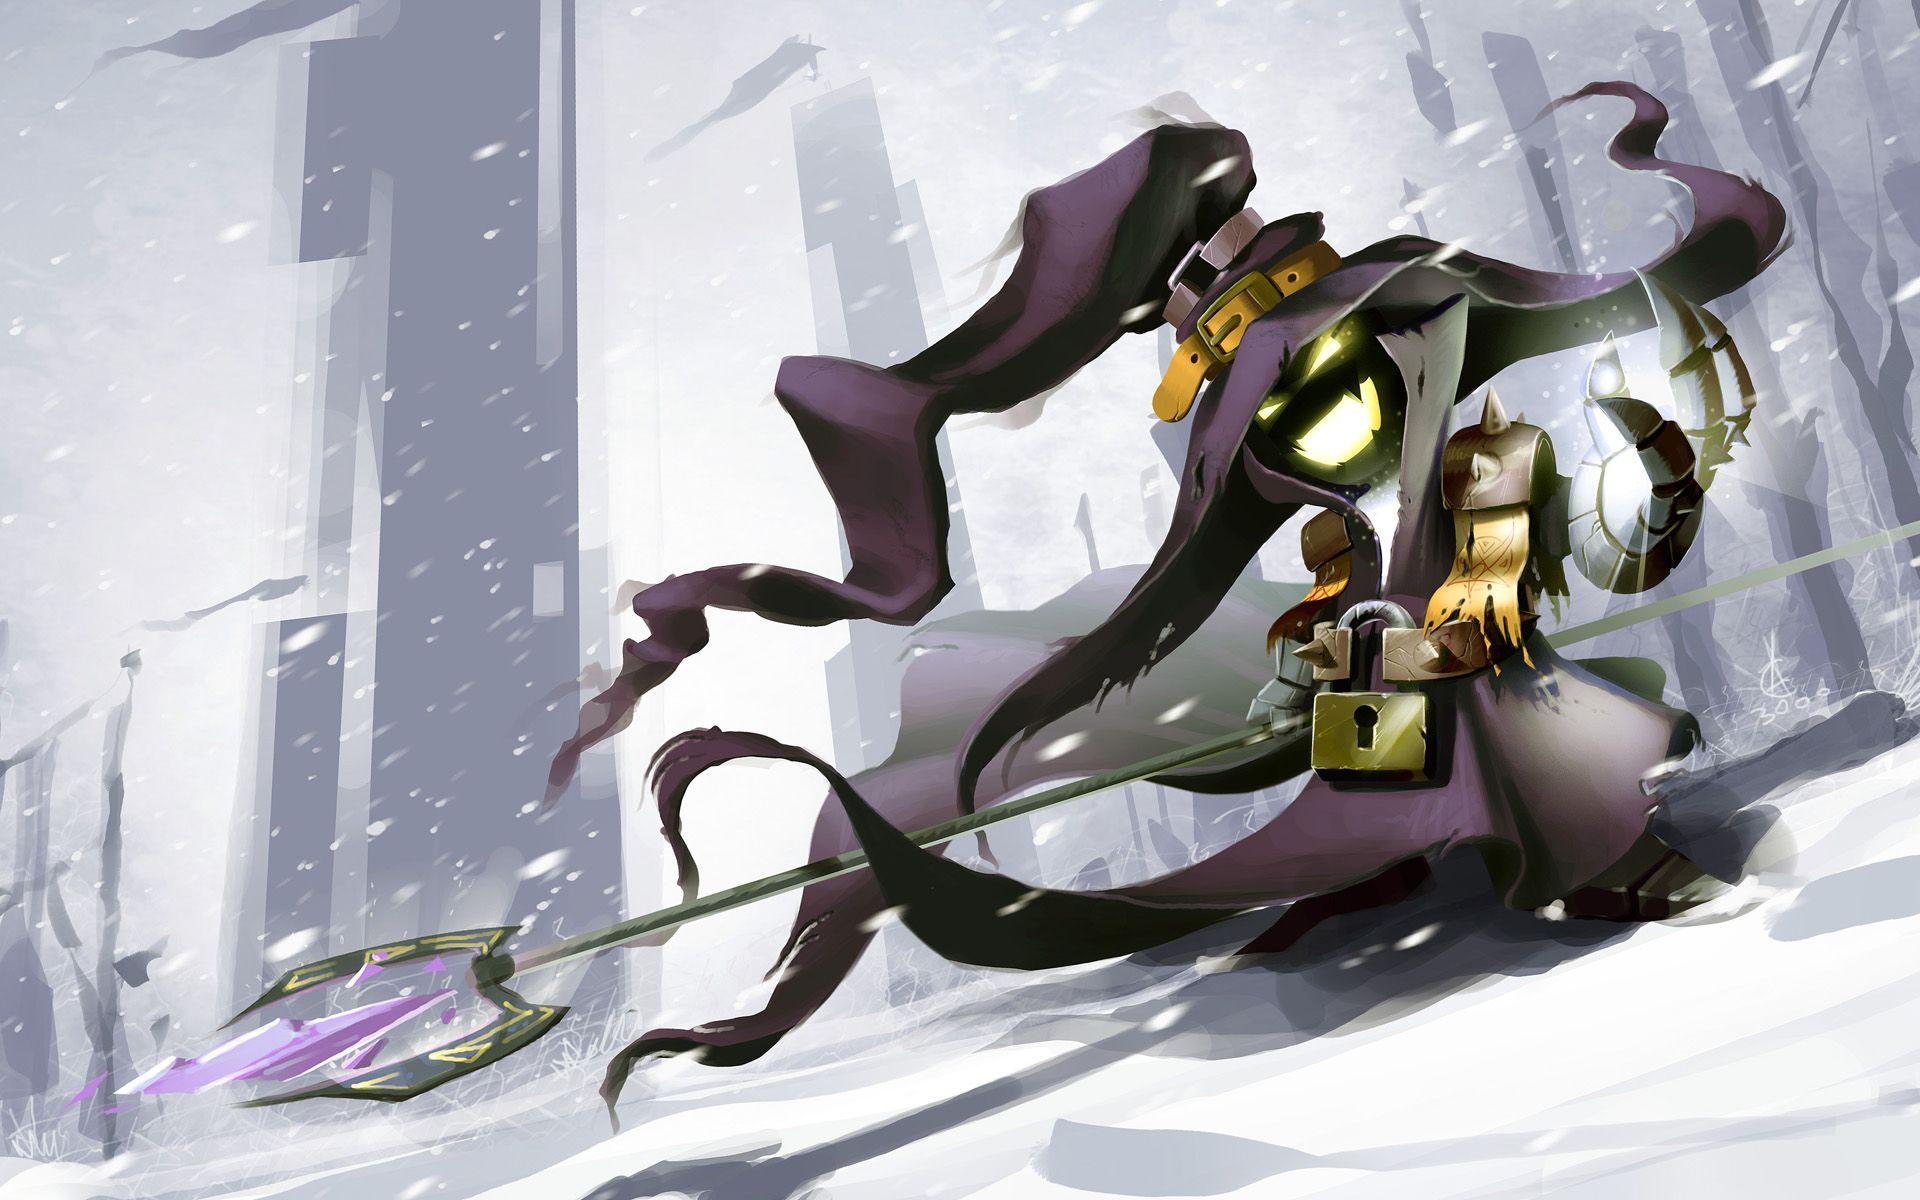 League Of Legends Veigar League Of Legends Lol League Of Legends Character Wallpaper